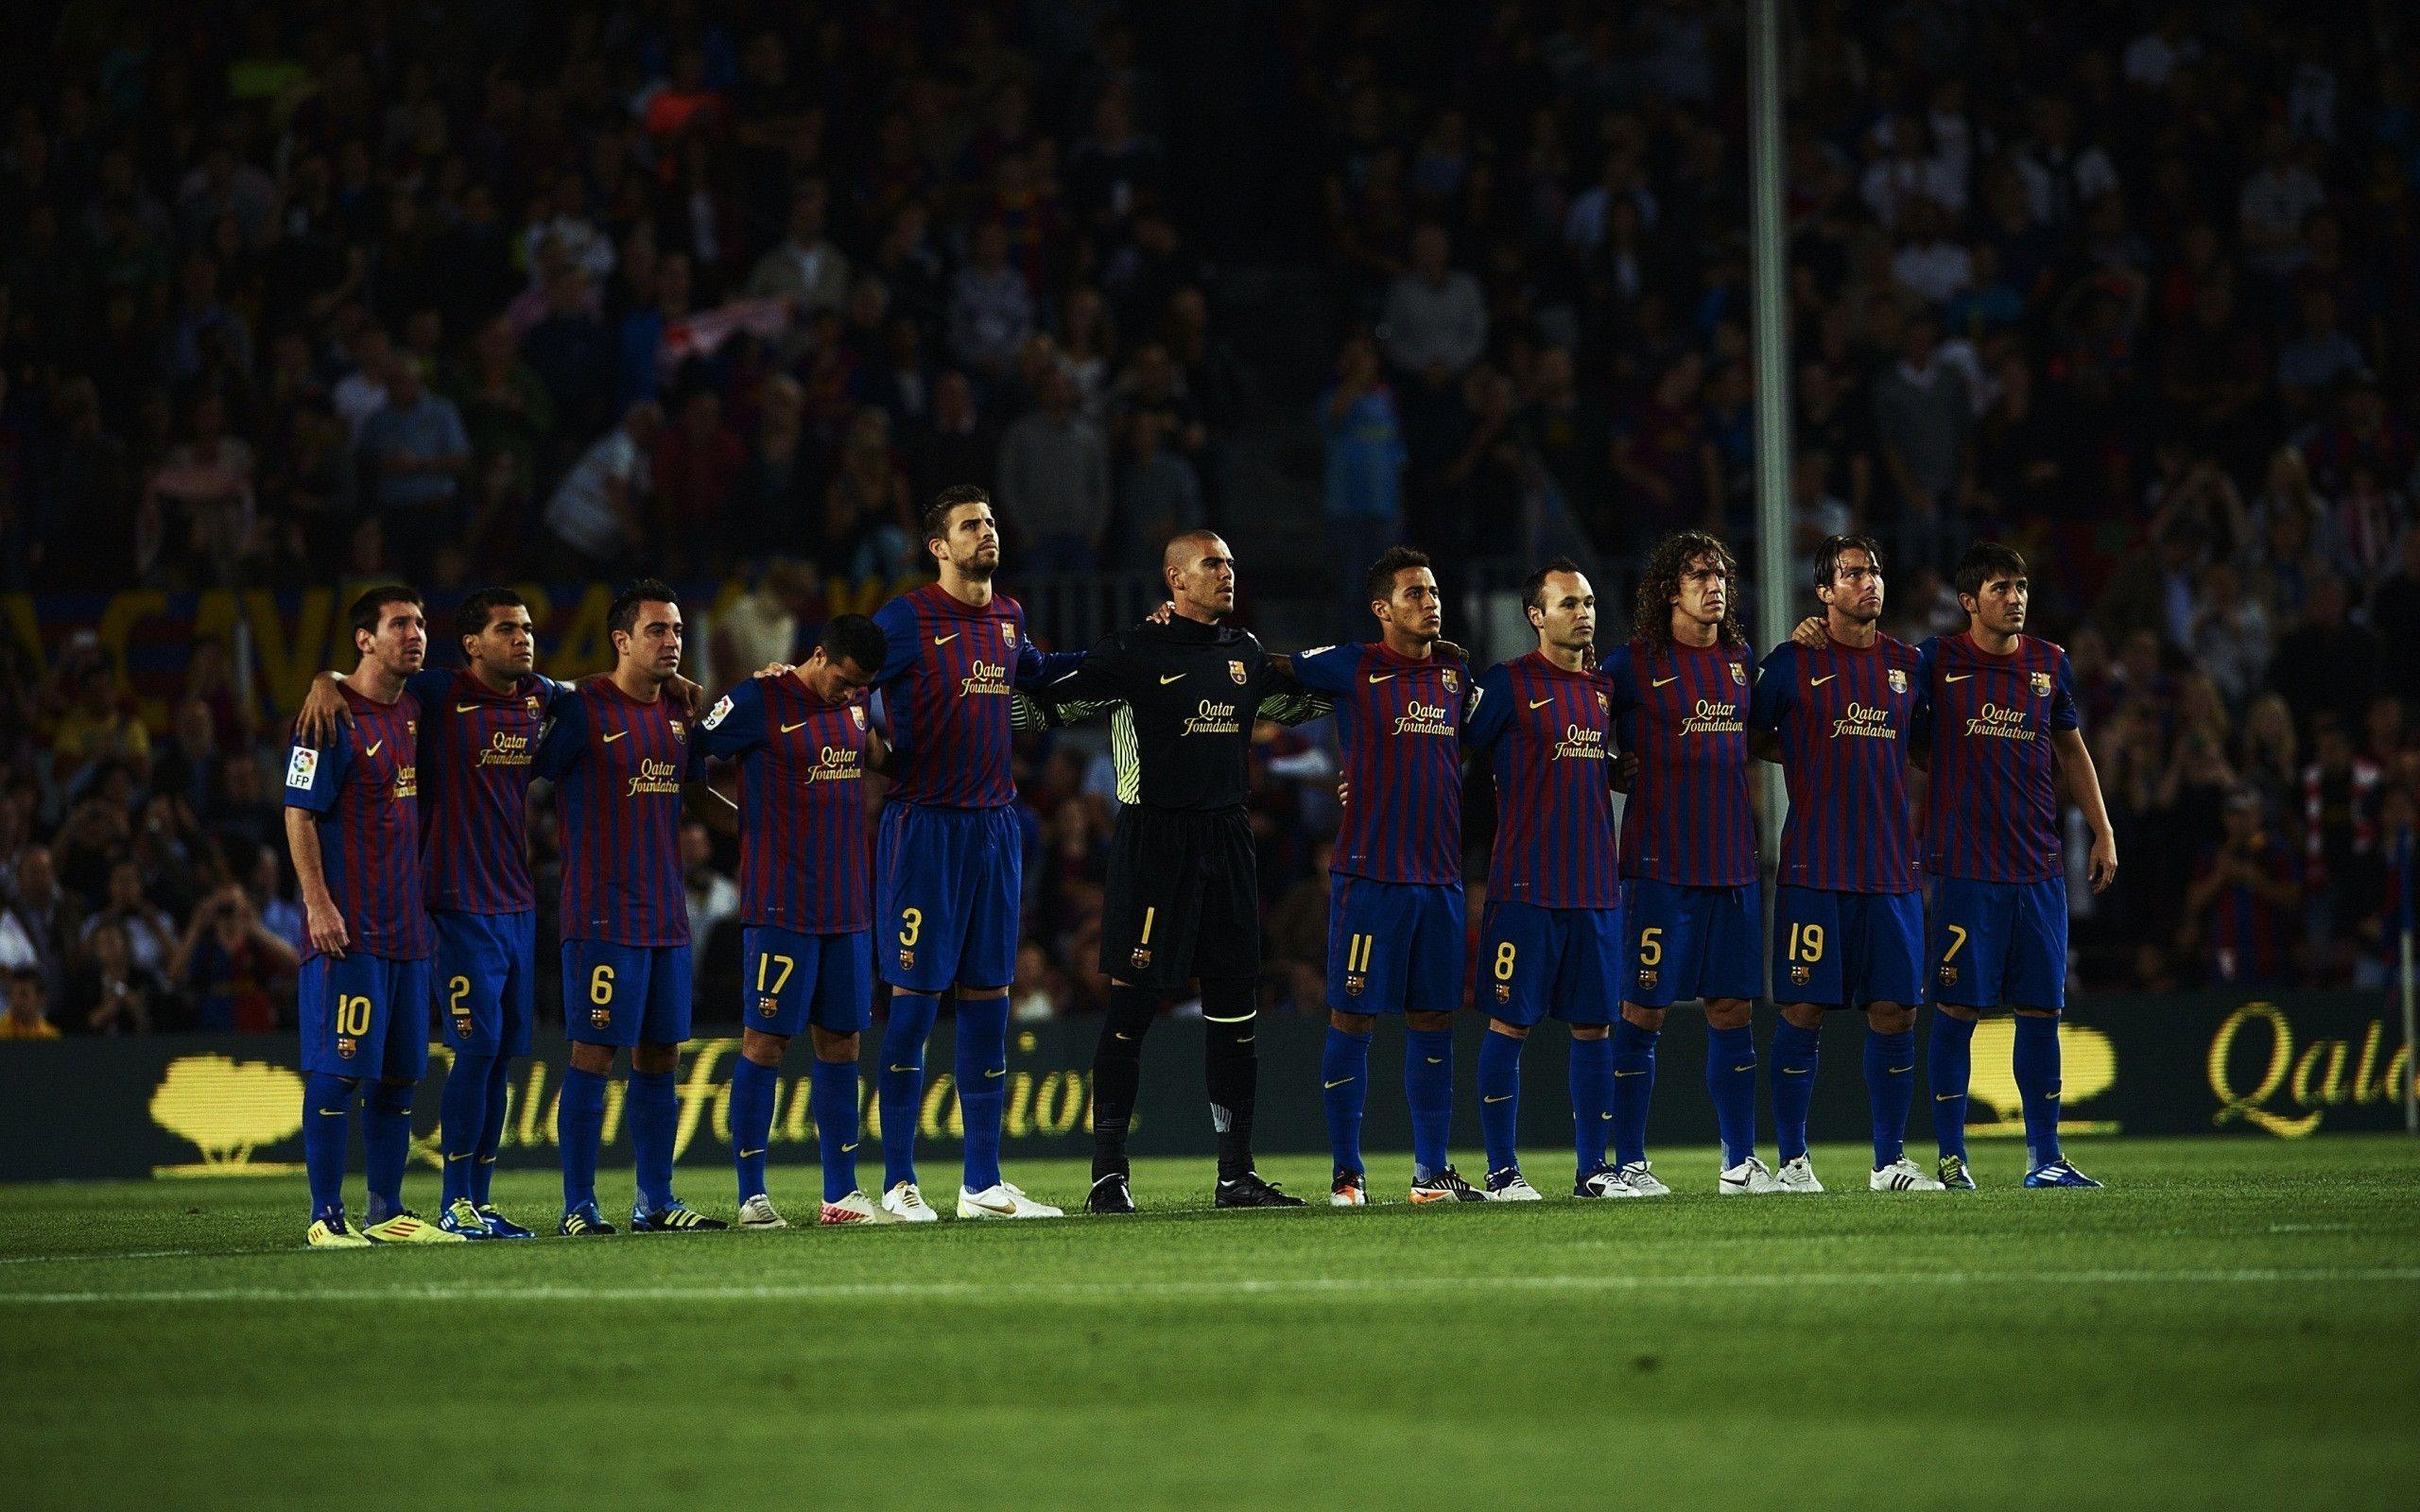 Fondos De Pantalla Camp Nou España El Fc Barcelona: Camp Nou Wallpapers